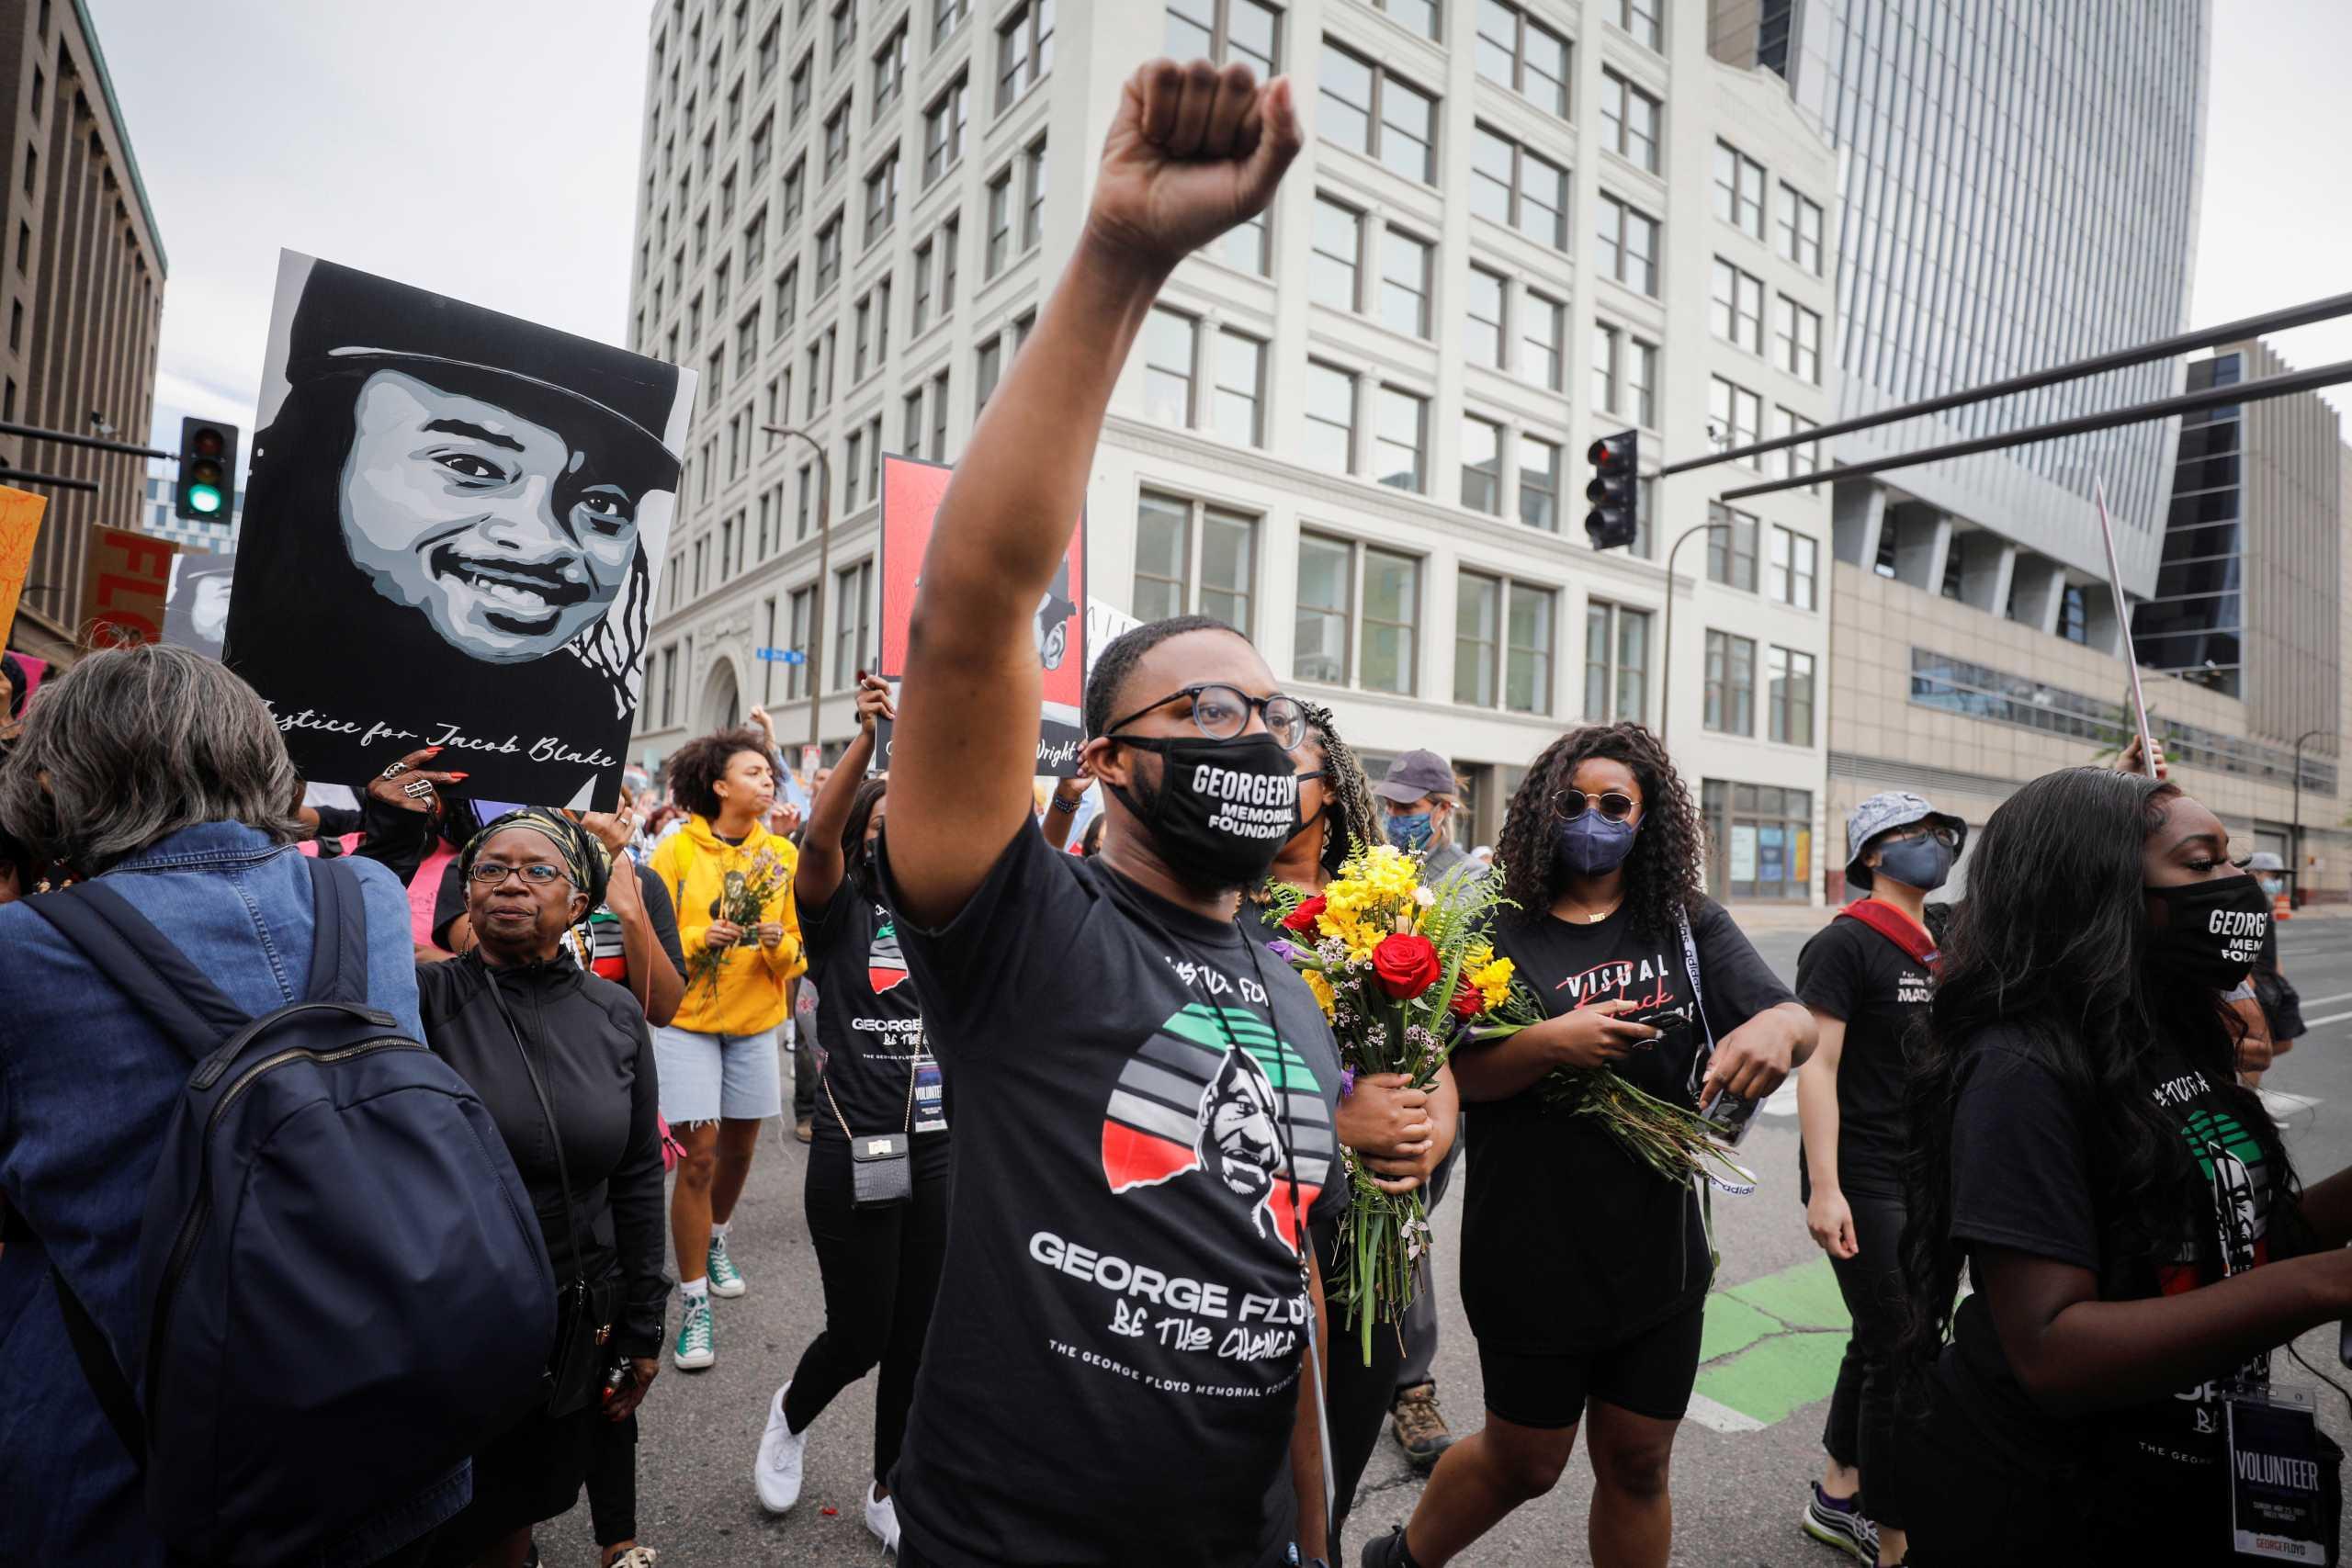 Τζορτζ Φλόιντ: Διαδηλώσεις στην Μινεάπολη για τον ένα χρόνο από τη δολοφονία του (pics)